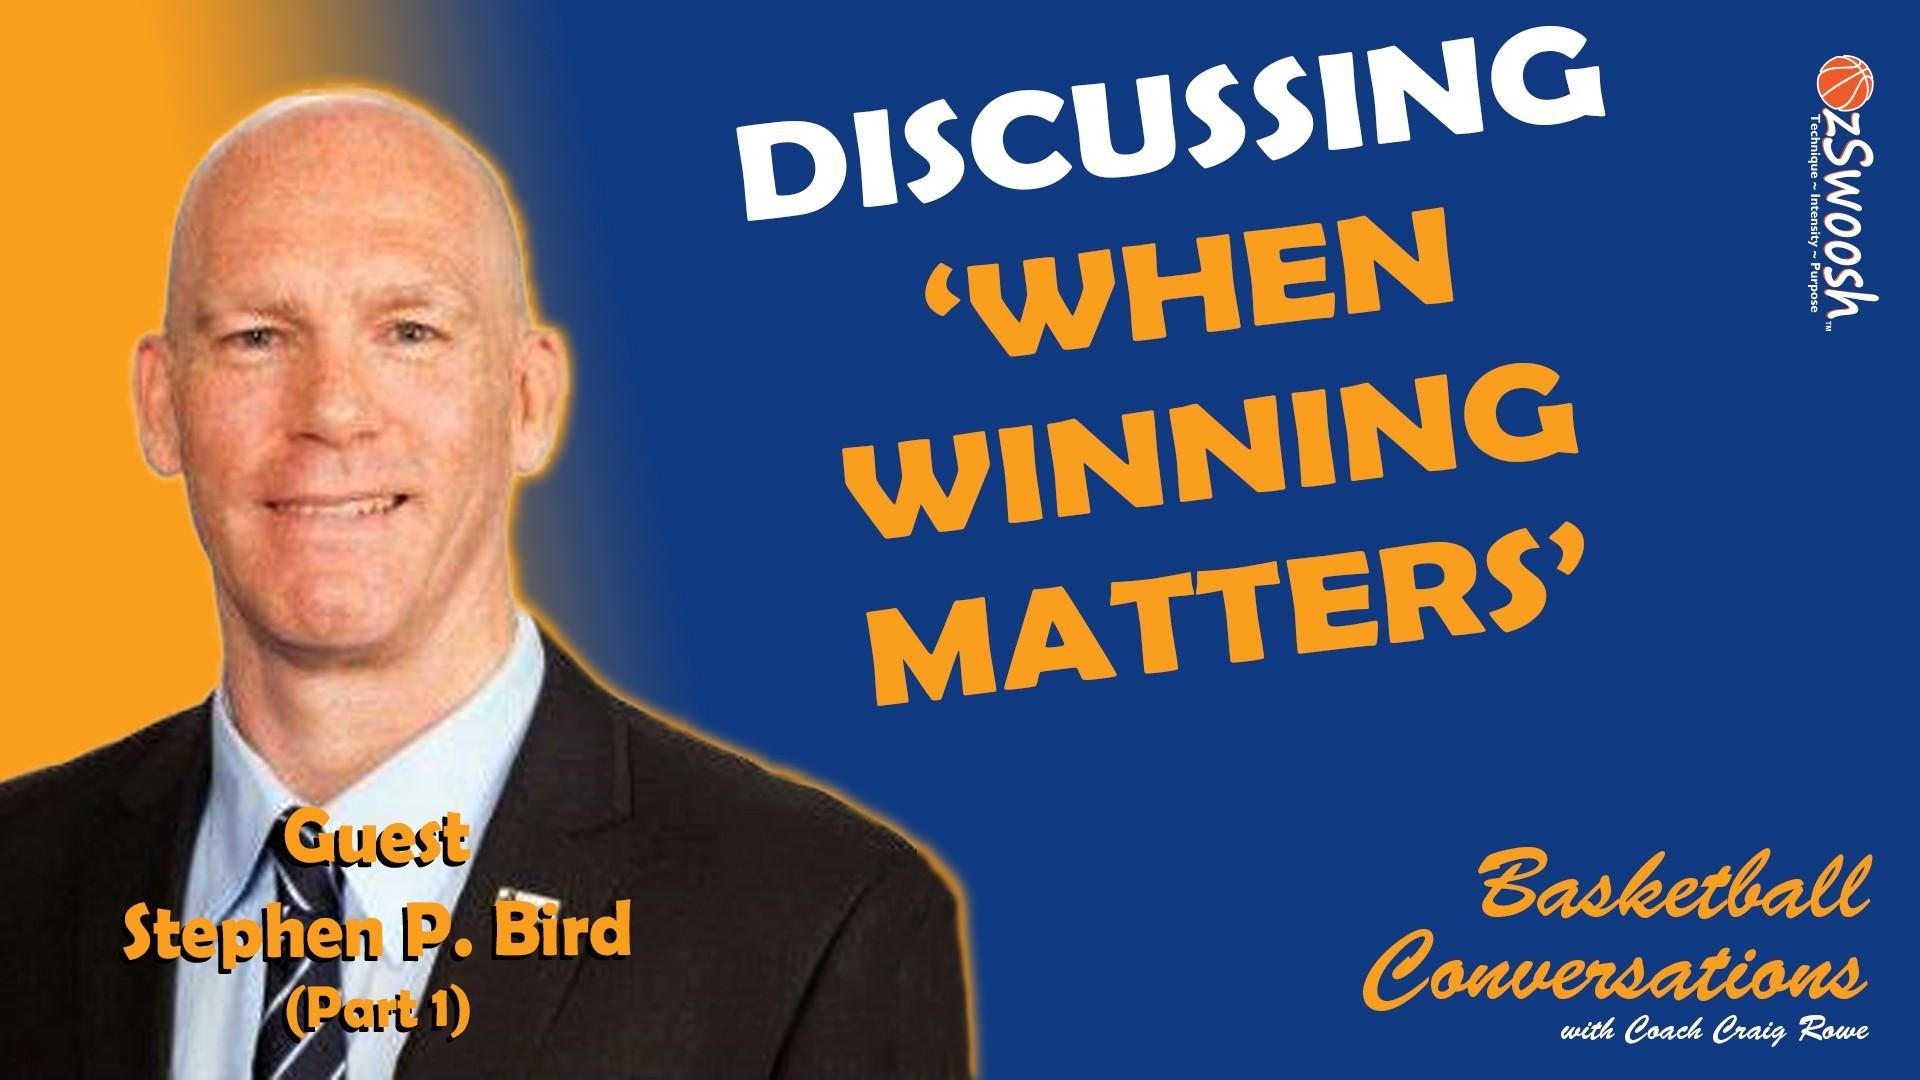 When Winning Matters Introduction - Stephen Bird (Part 1)